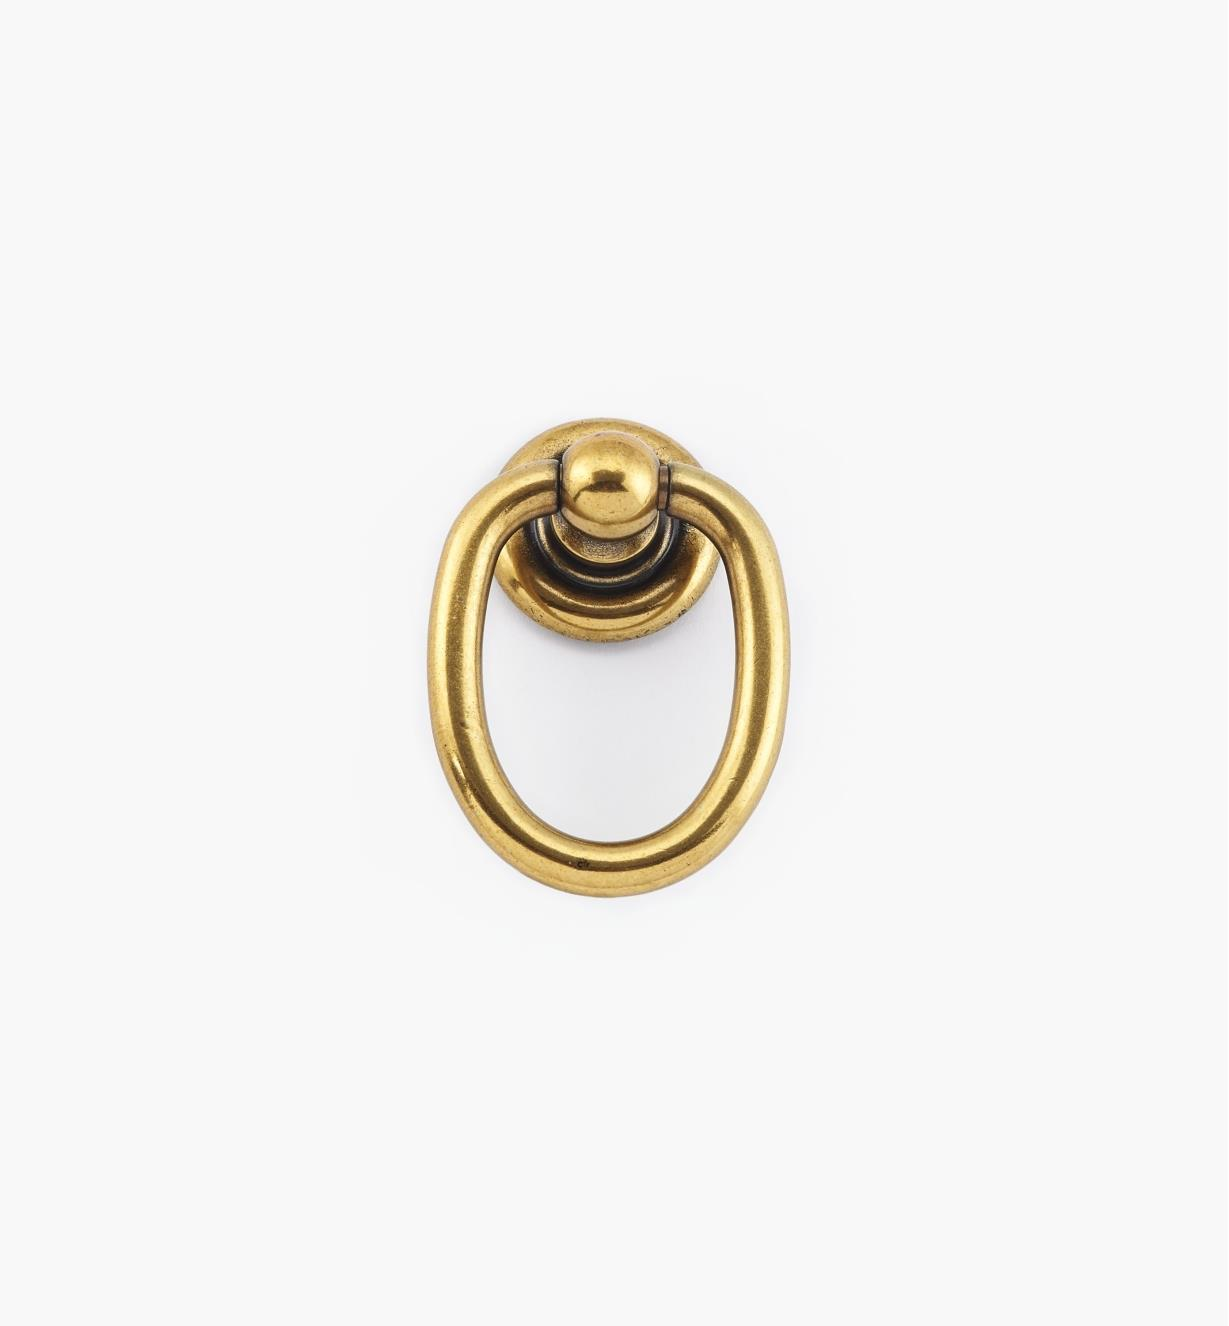 01X4068 - Poignée à anneau sur rosace, fini bronze bruni